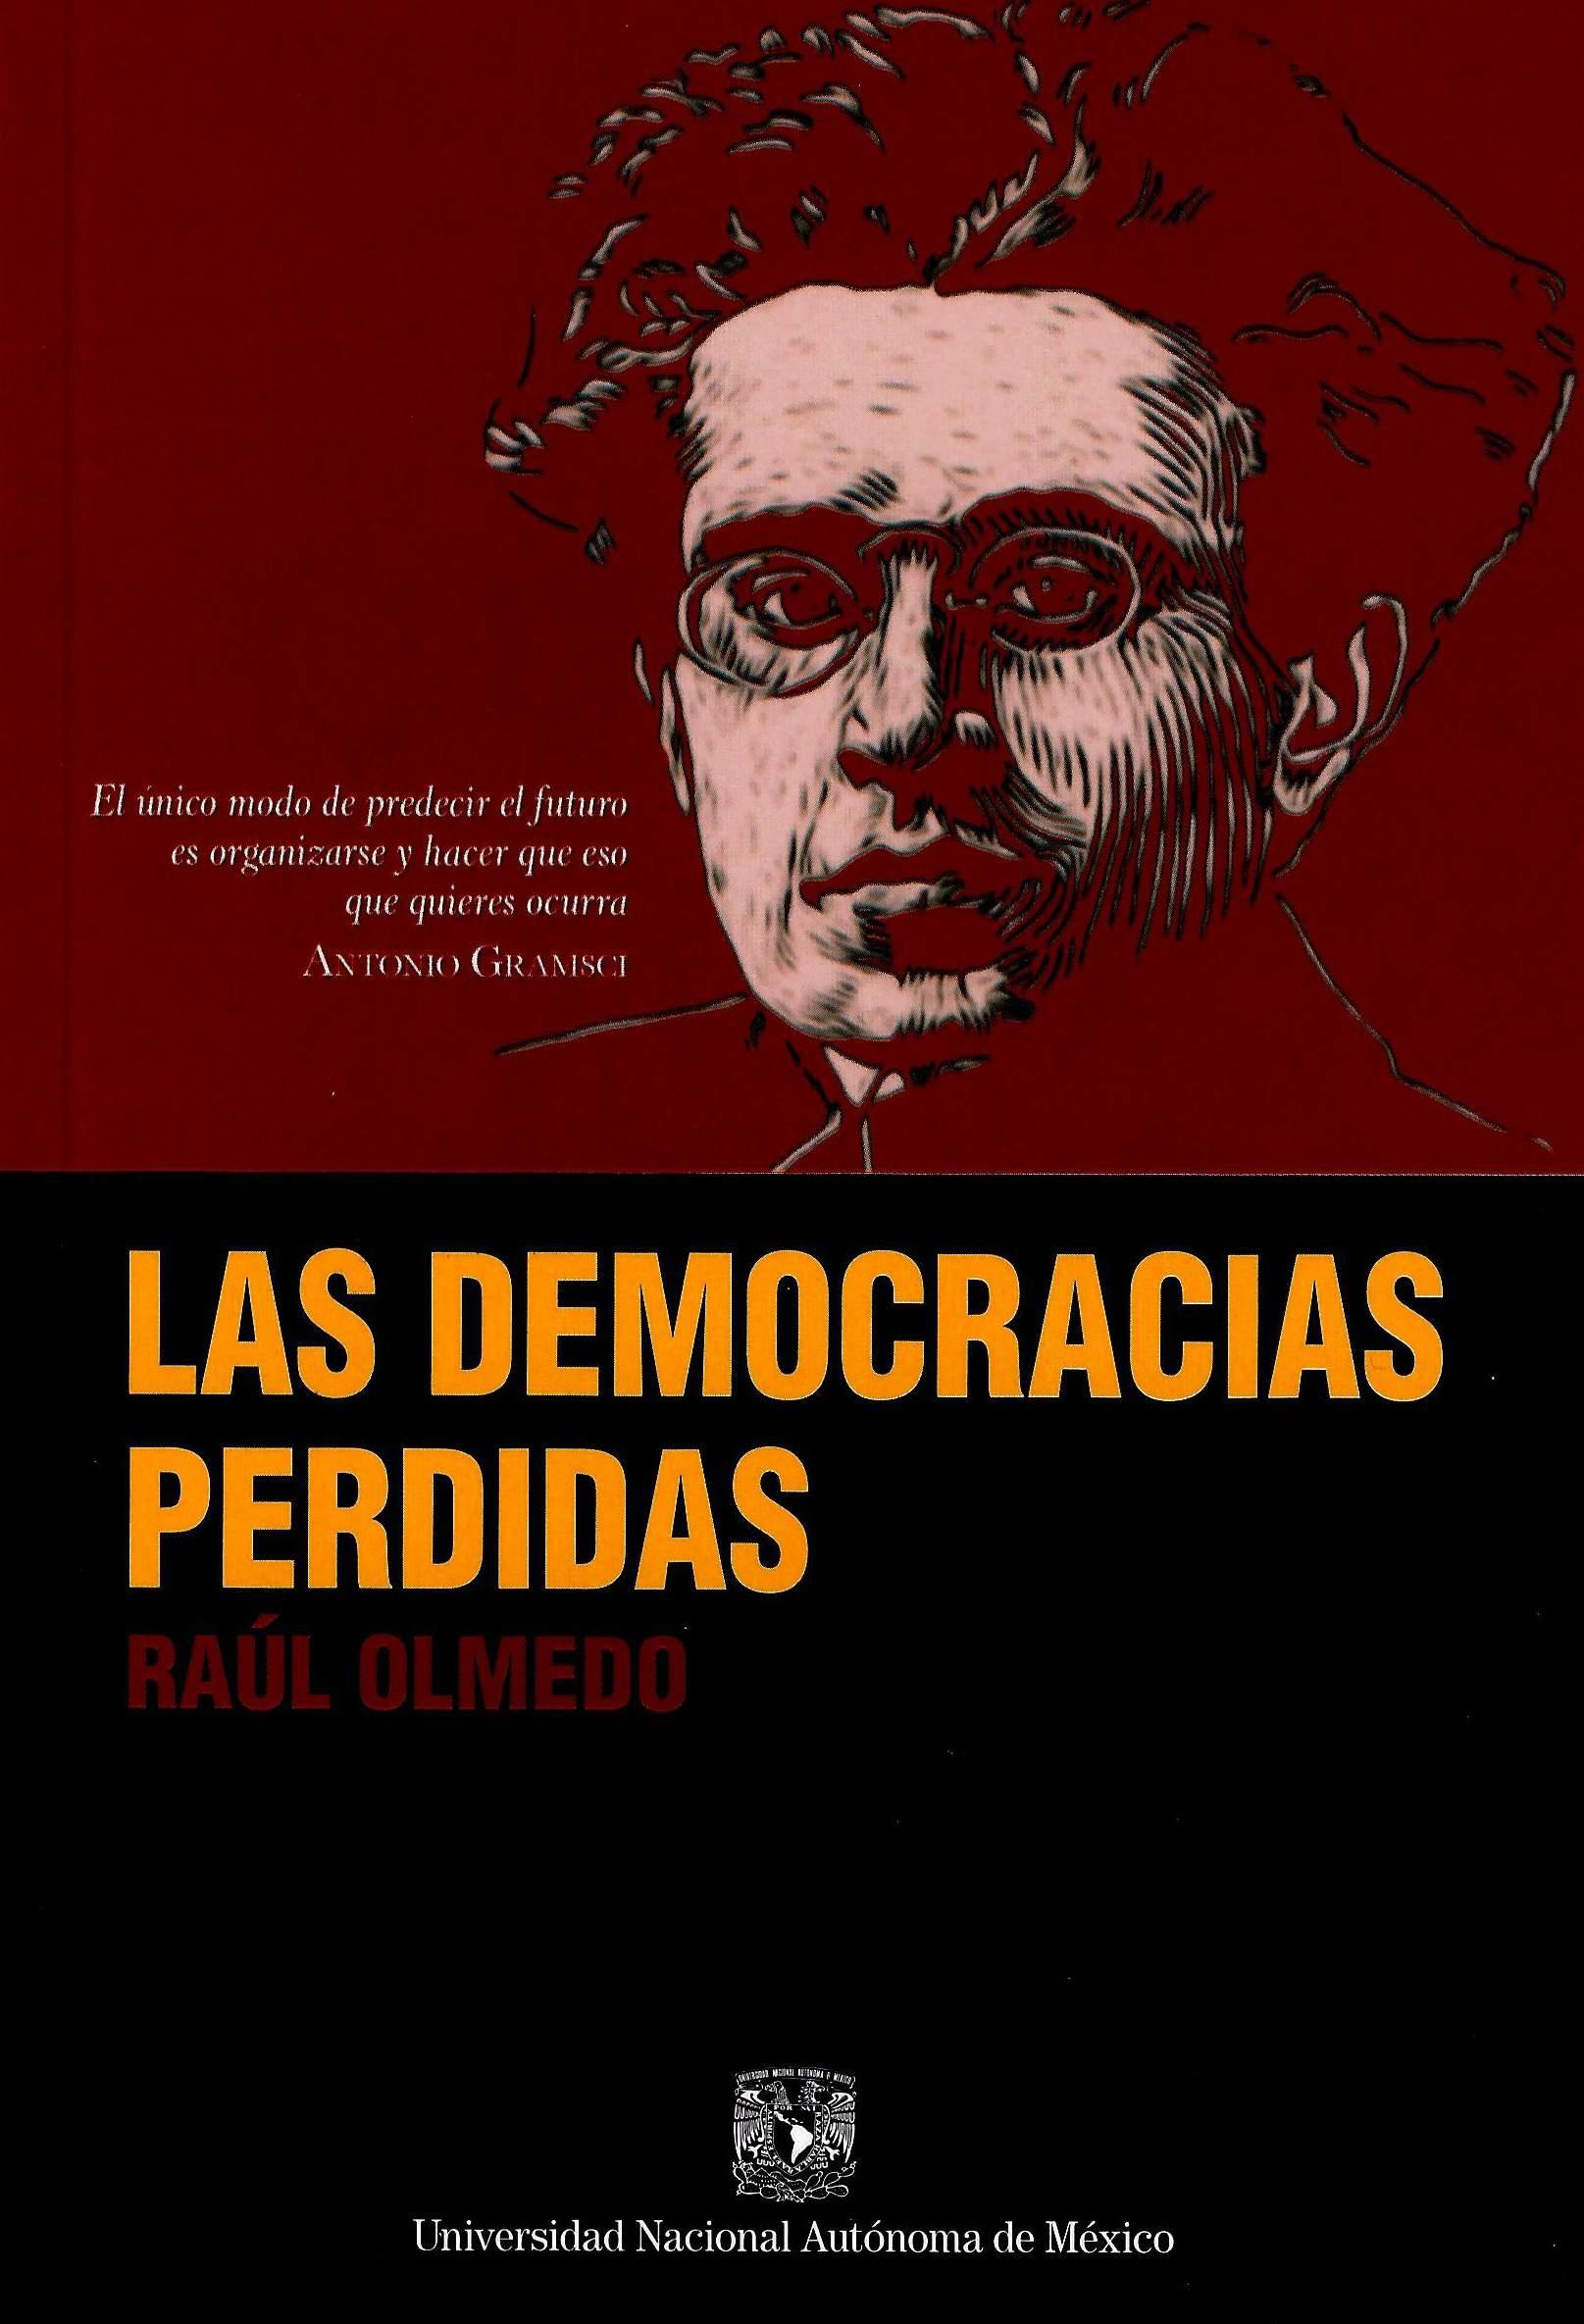 Las democracias perdidas